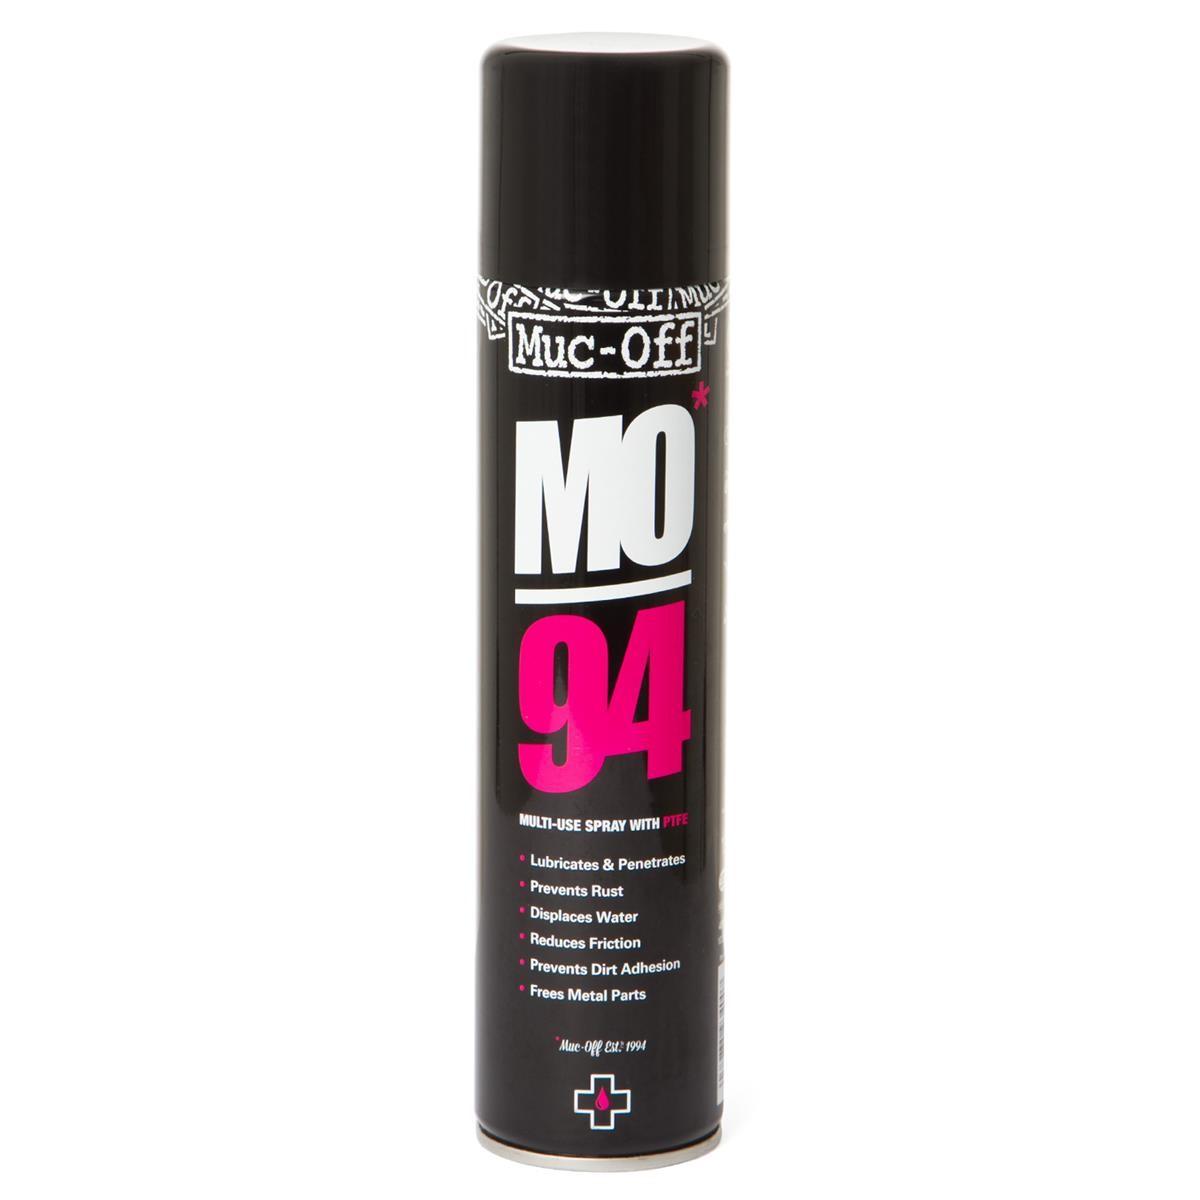 Muc-Off Mehrzweckspray MO 94 0.4 Liter